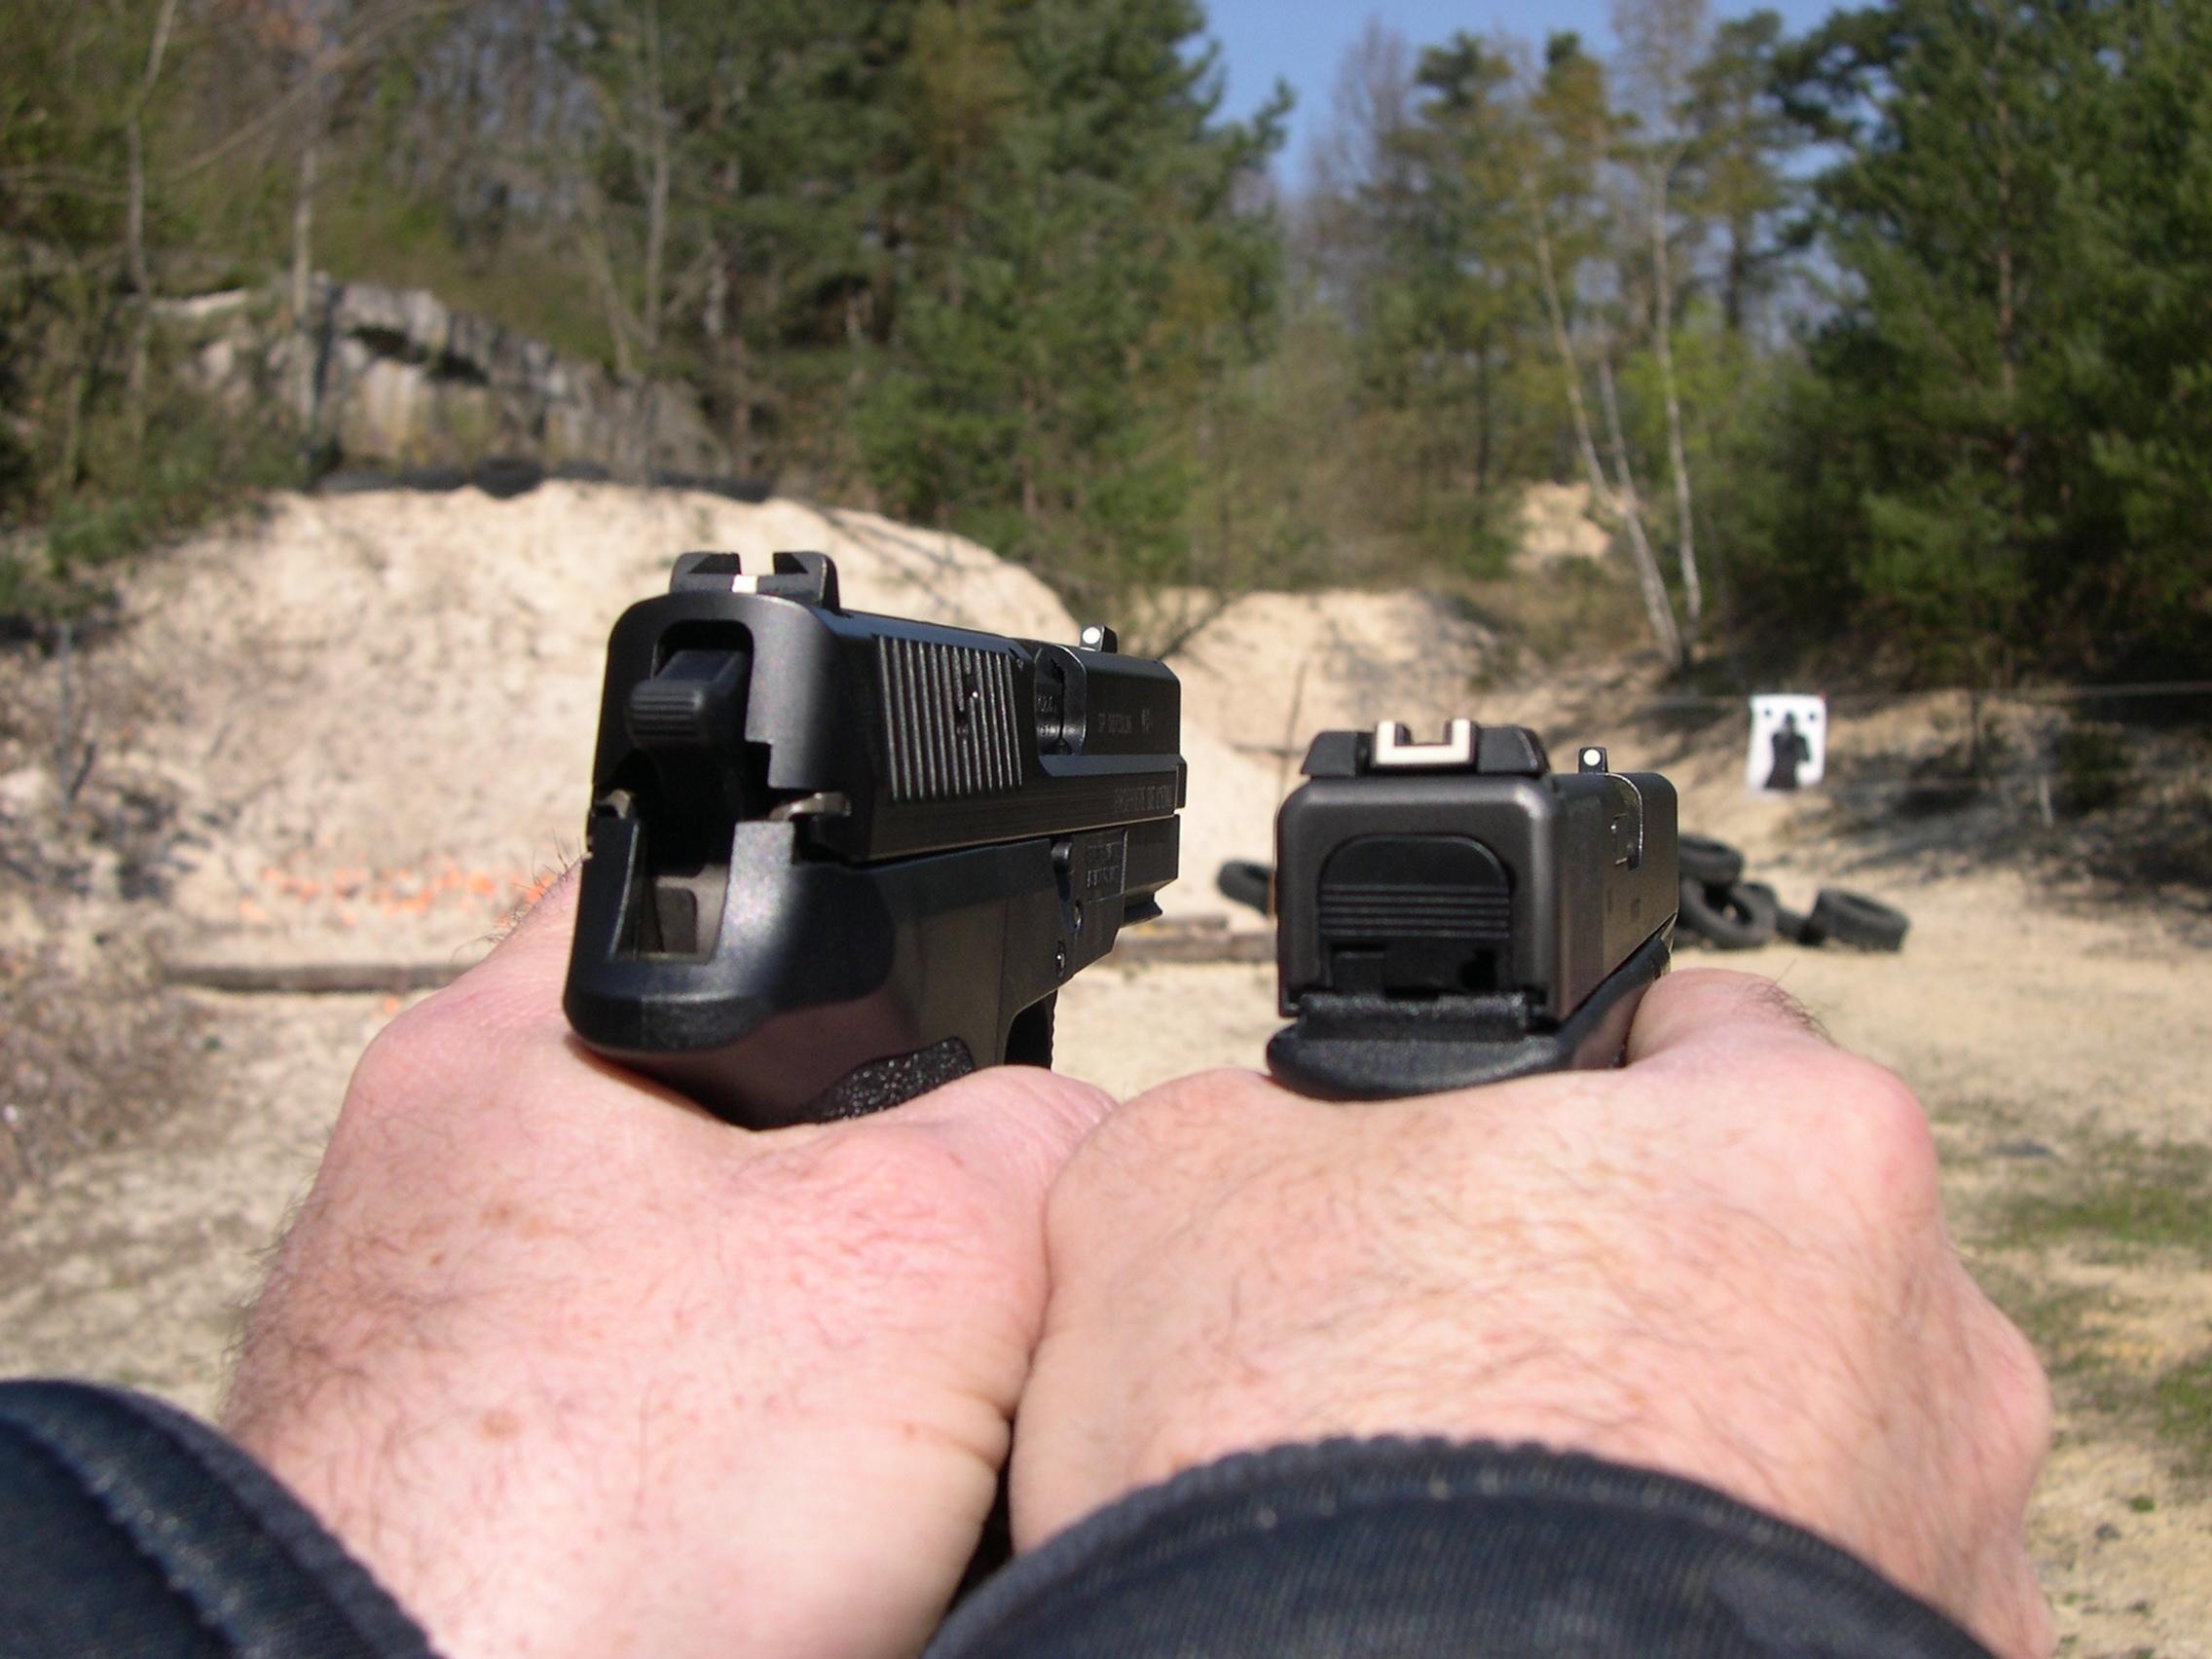 Cette comparaison entre la prise en main du SIG et celle du Glock indique clairement la différence que ces deux pistolets présentent au niveau de la hauteur sur la main de leurs éléments de visée.